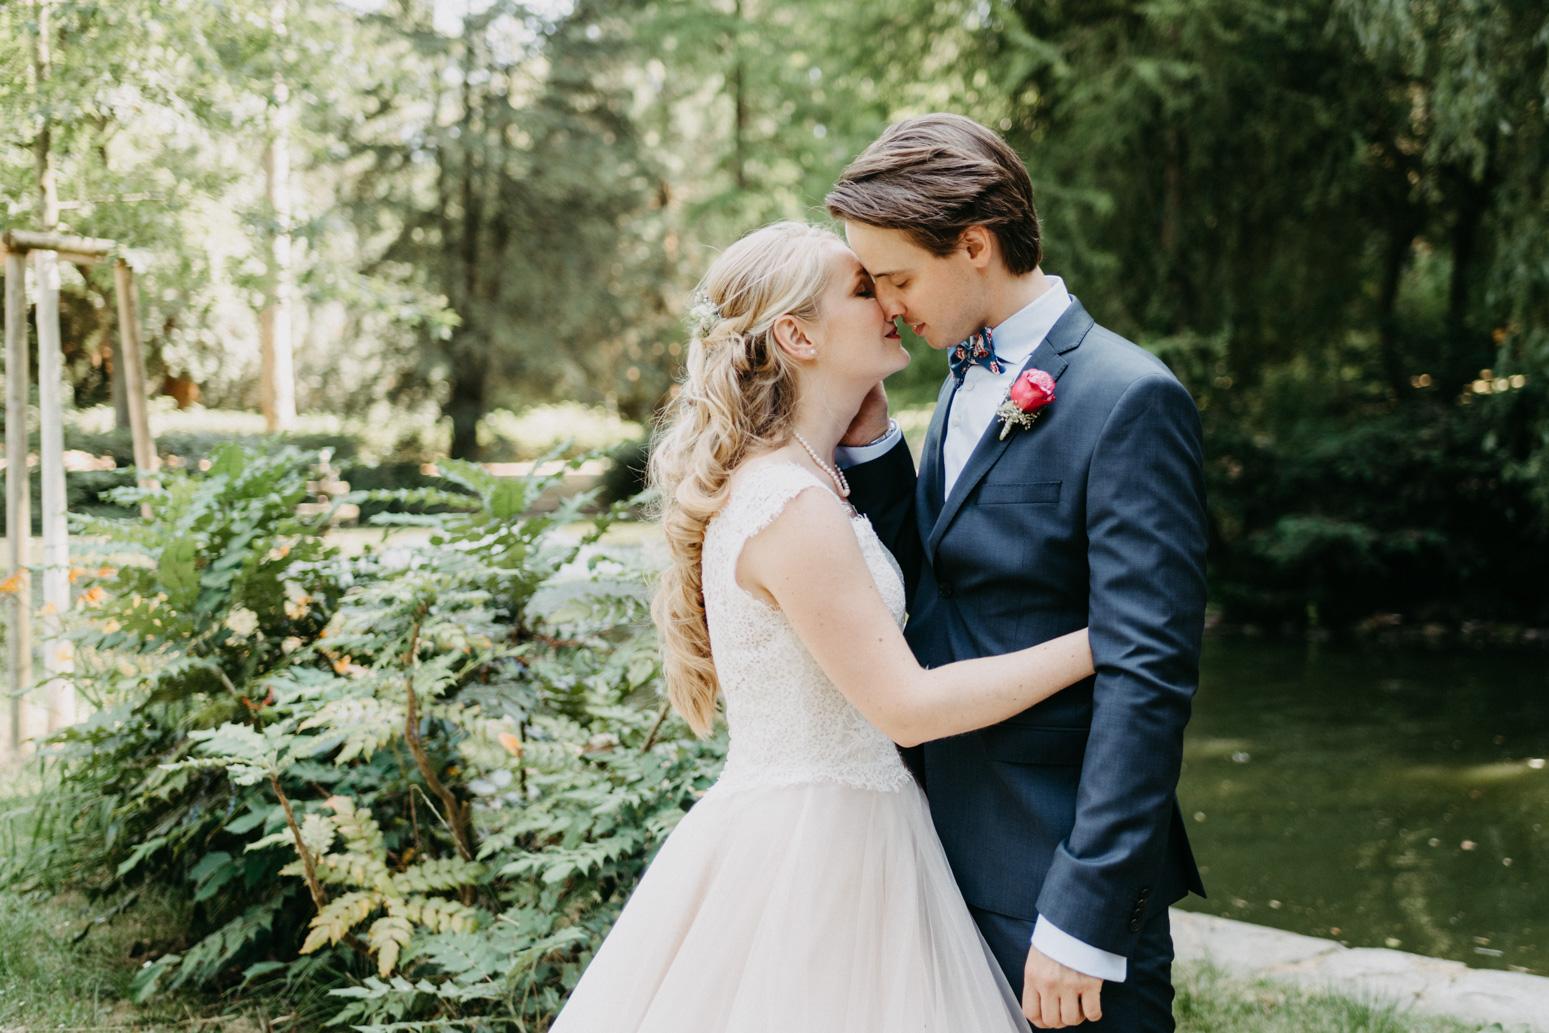 Brautpaarshooting im Redoutenpark in Bad Godesberg. Hochzeitsreportage Daria Becker von Genuine Bonds aus Köln